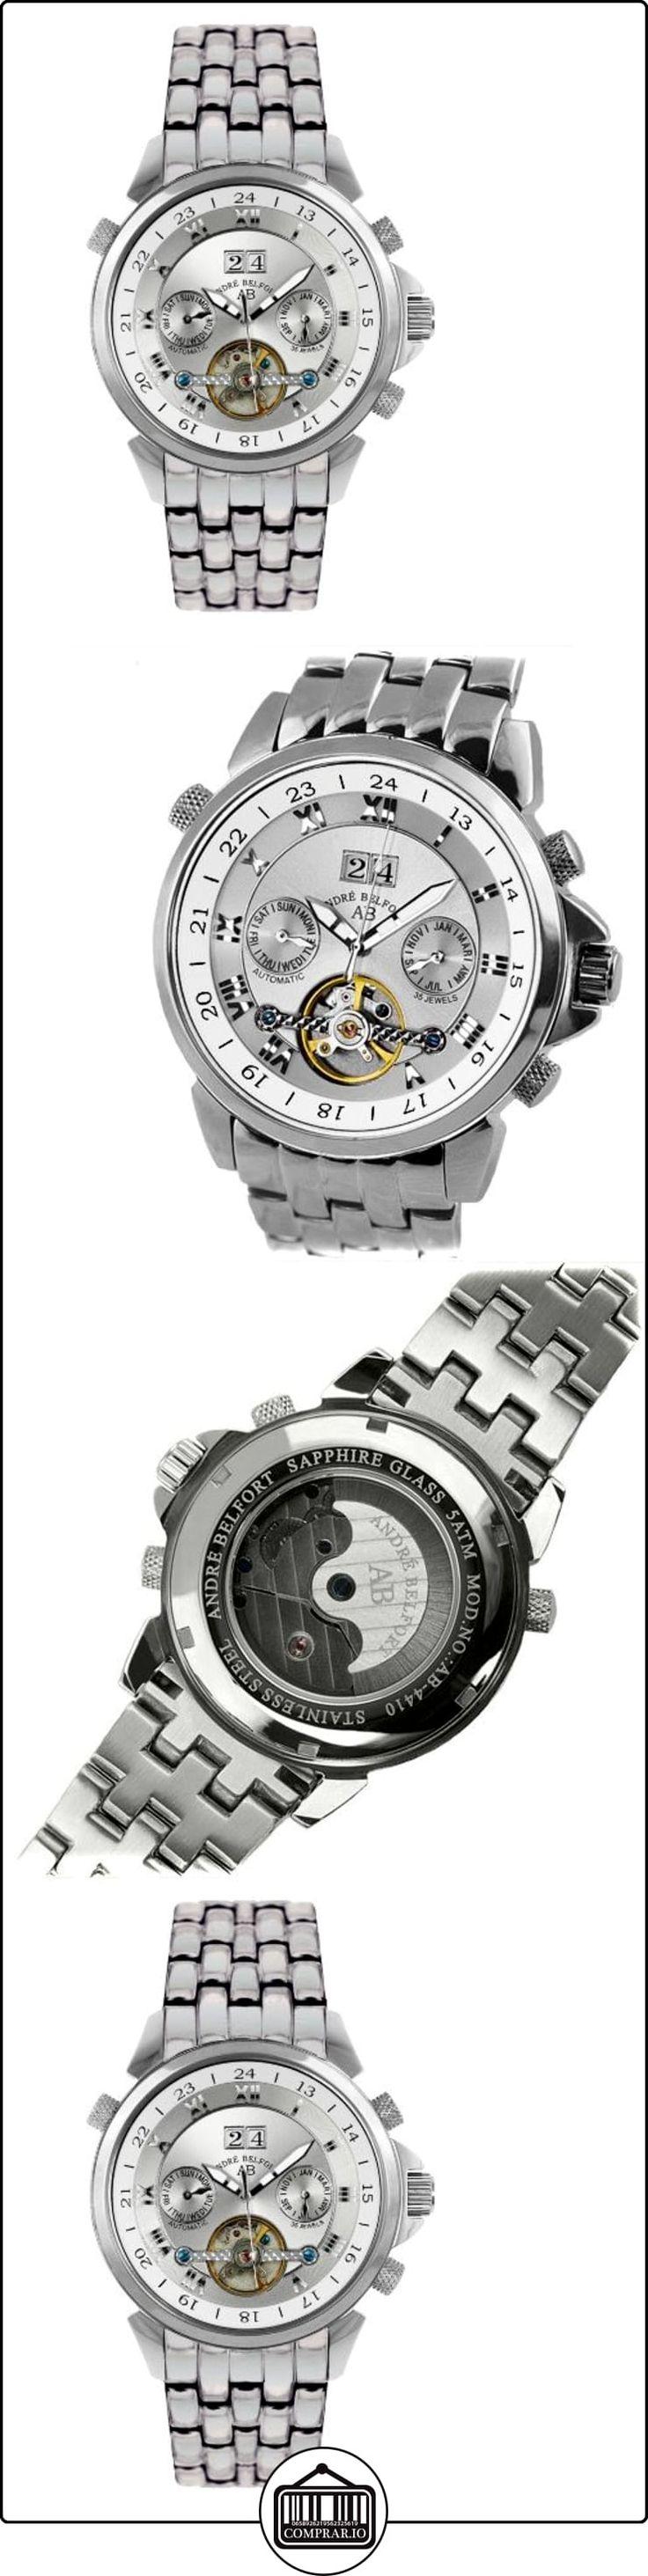 André Belfort 410015 - Reloj analógico de caballero automático con correa de acero inoxidable plateada - sumergible a 50 metros  ✿ Relojes para hombre - (Lujo) ✿